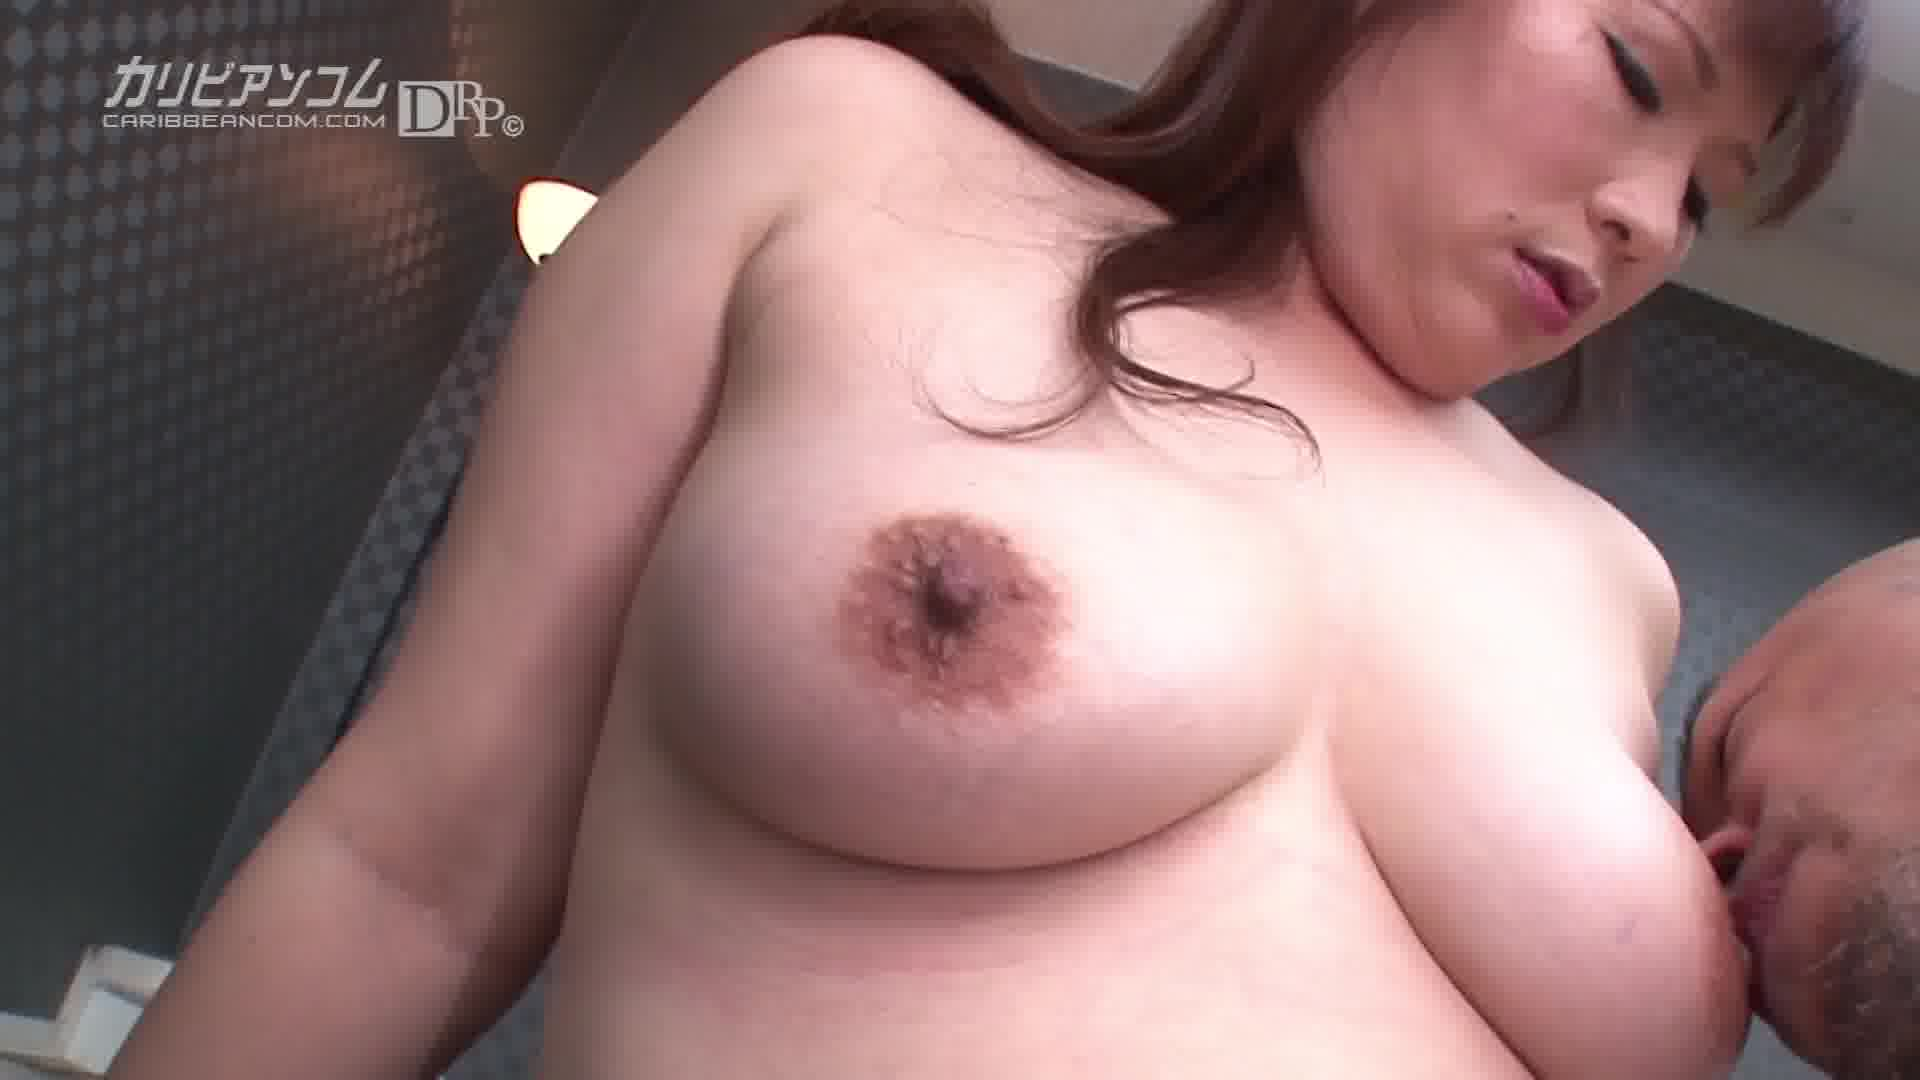 好色妻降臨 38 ~DVD未収録映像~ - 志村玲子【痴女・巨乳・中出し】